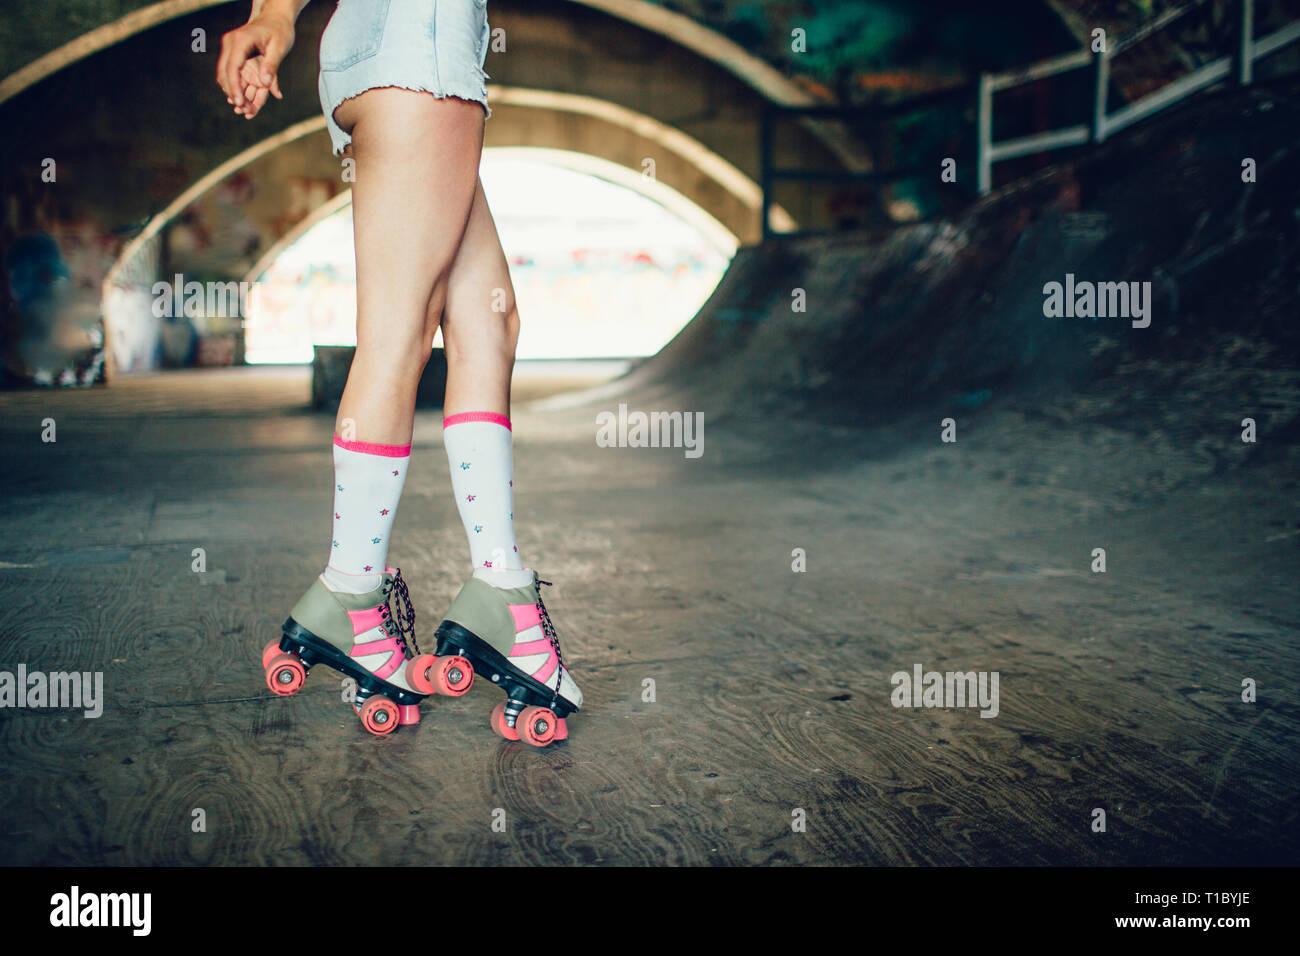 Ben costruita e sottili gambe della ragazza sono illustrati sulla fotocamera. Ella è in piedi sulle sue dita. I rulli sono di colore grigio con rosa. Immagini Stock